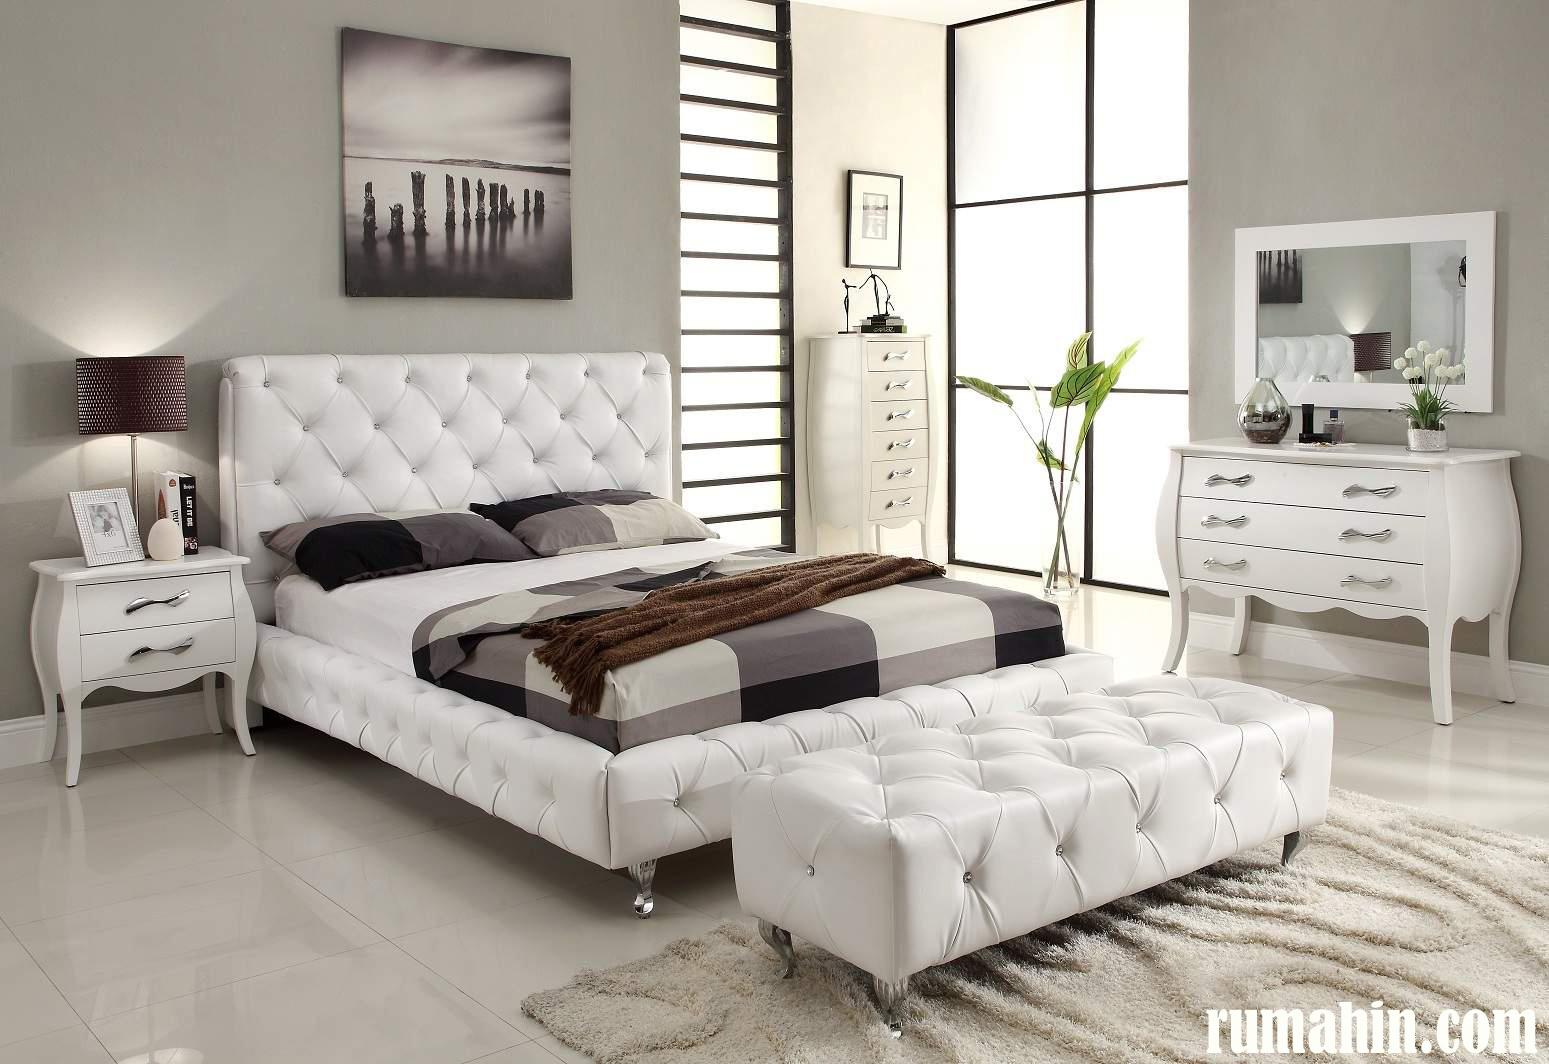 50 Desain Interior Kamar Tidur Minimalis Warna Cat Putih